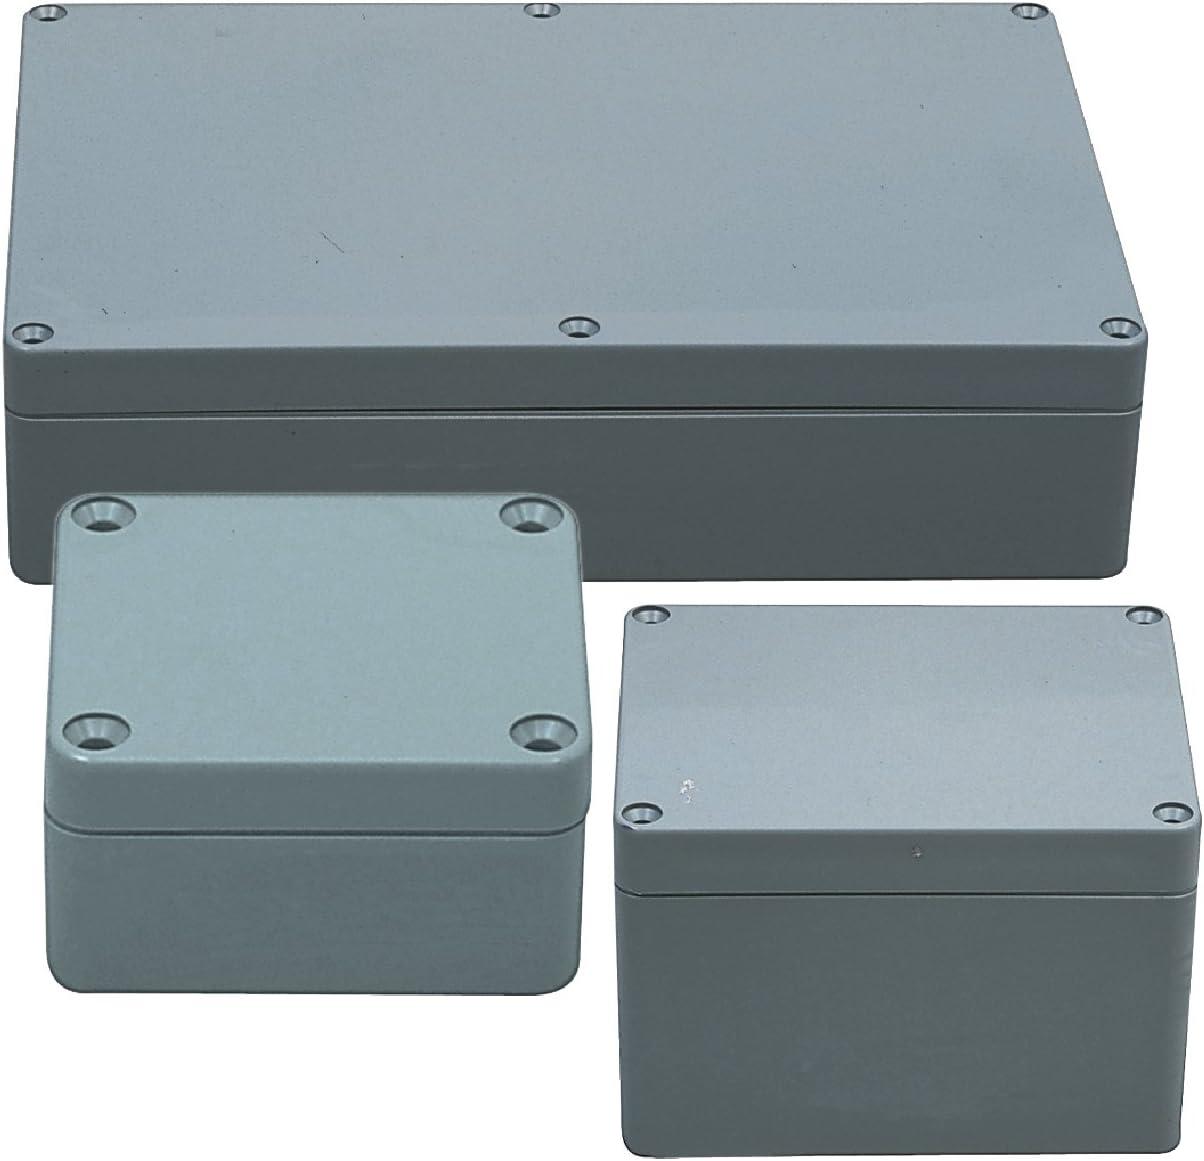 Wasserdichte staubdichte Anschlussdose 9 x 5,9 x 3,3 Zoll IP65 ABS-Kunststoff-Anschlussdose Universal-Schaltk/ästen Projektgeh/äuse Grau 230 x 150 x 85 mm